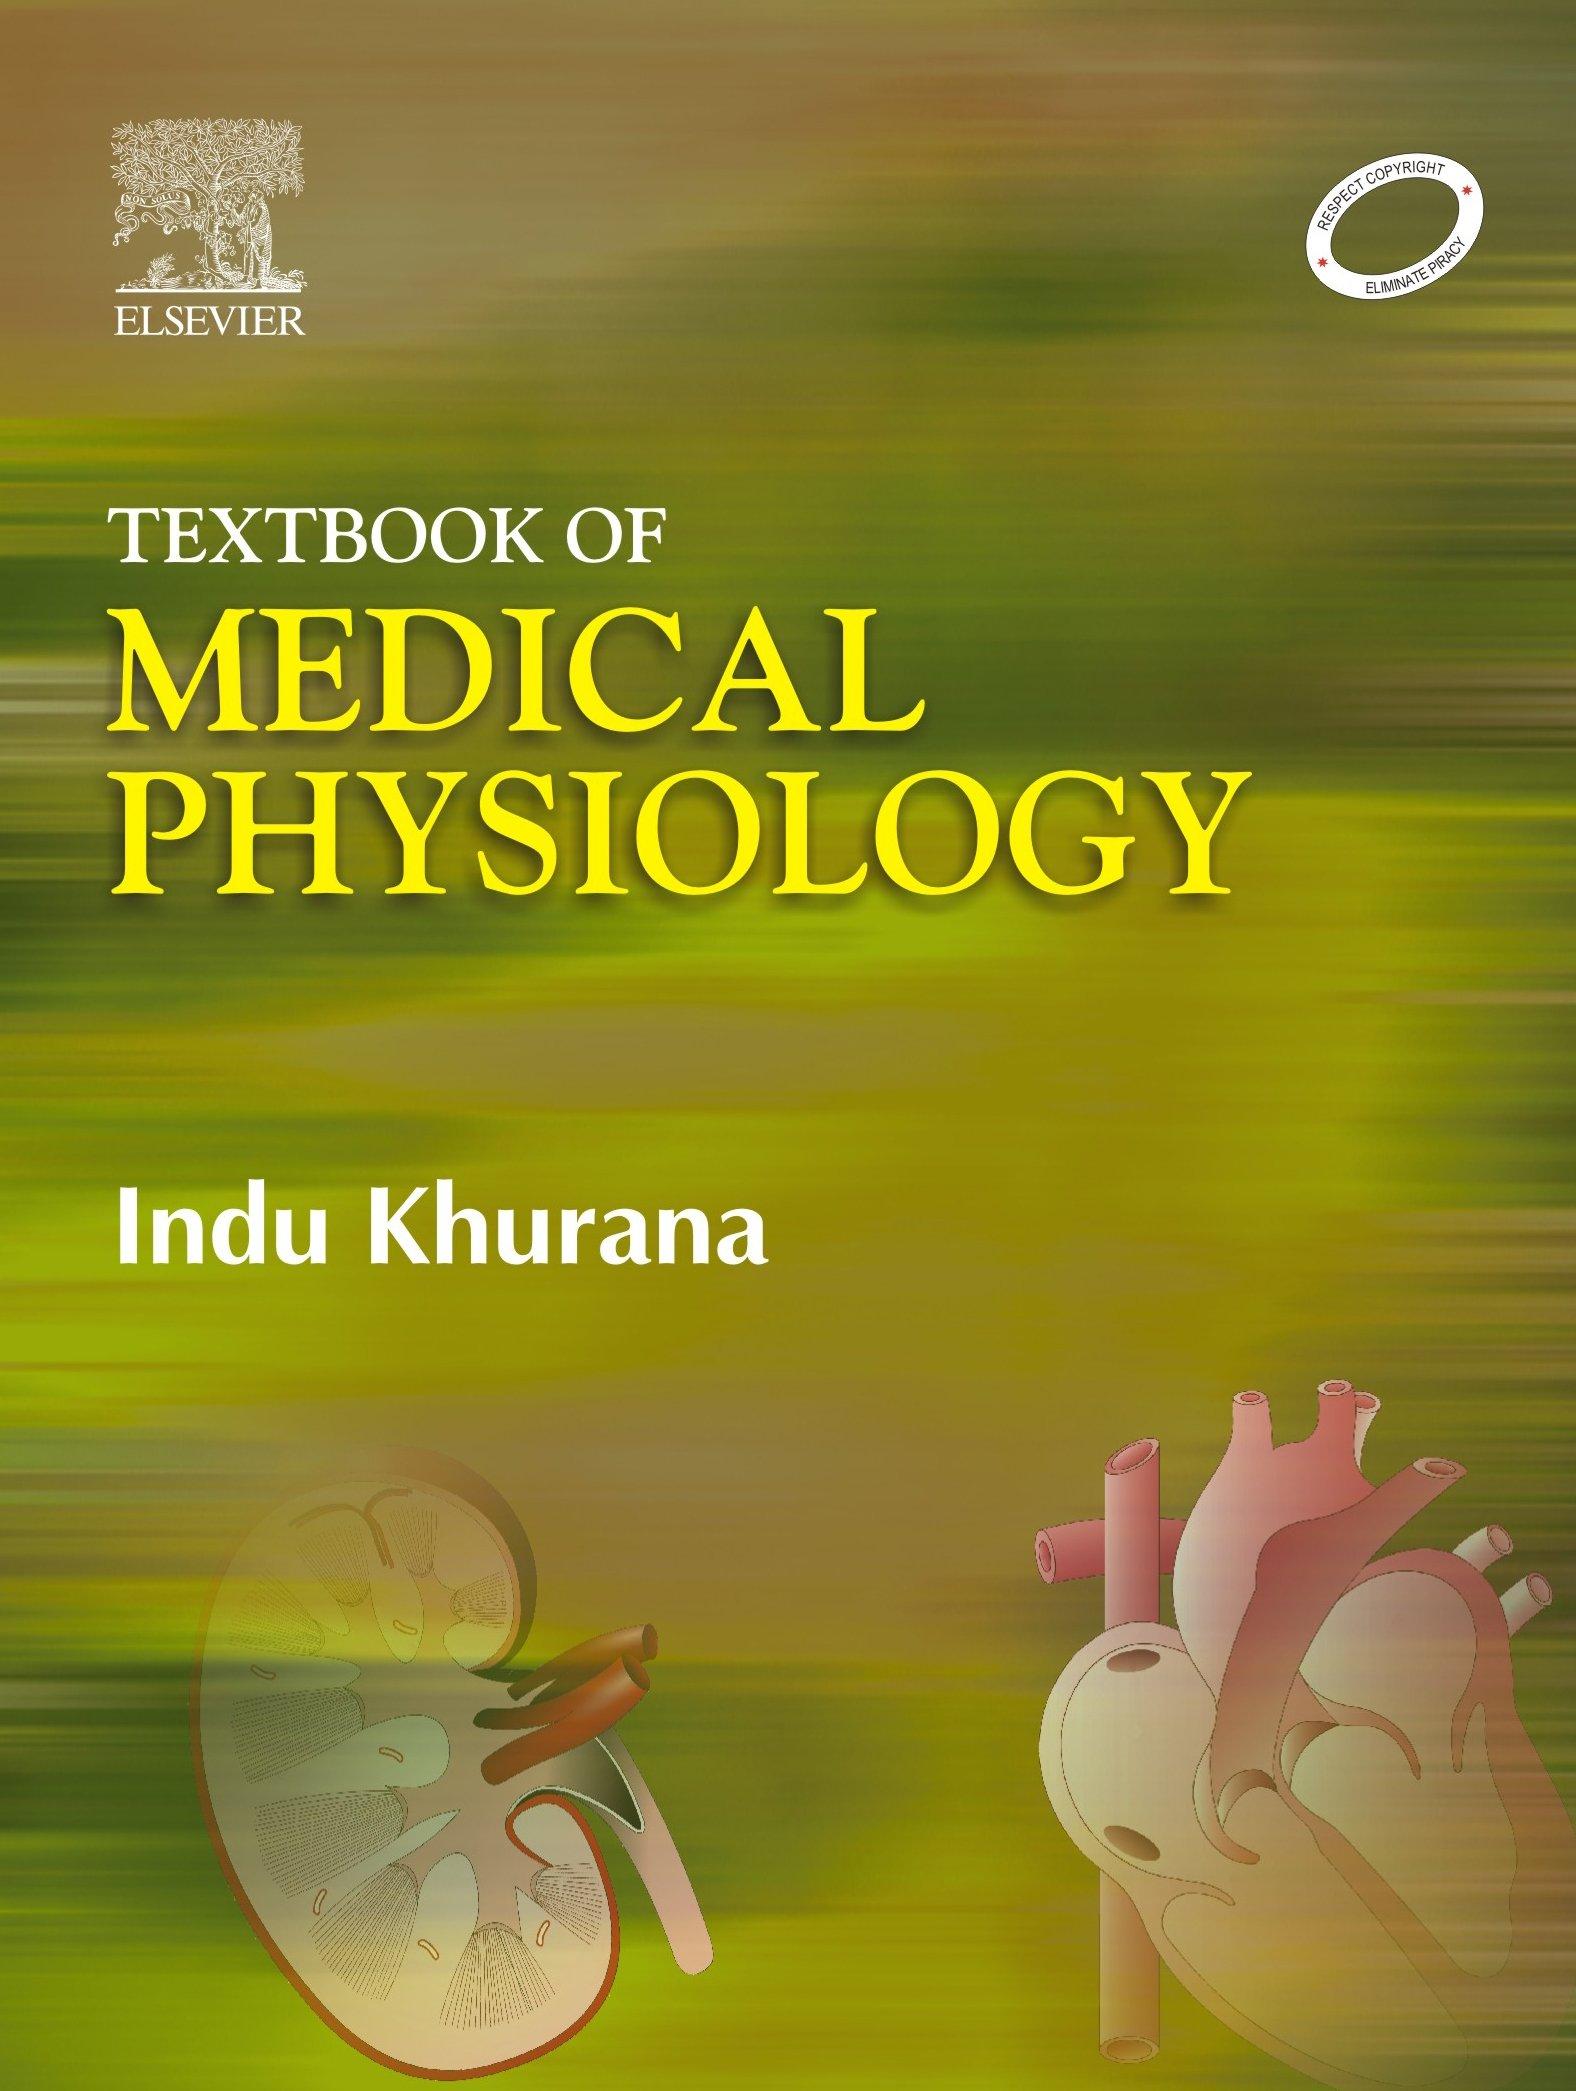 Textbook Of Medical Physiology: Indu Khurana: 9788181478504: Amazon ...